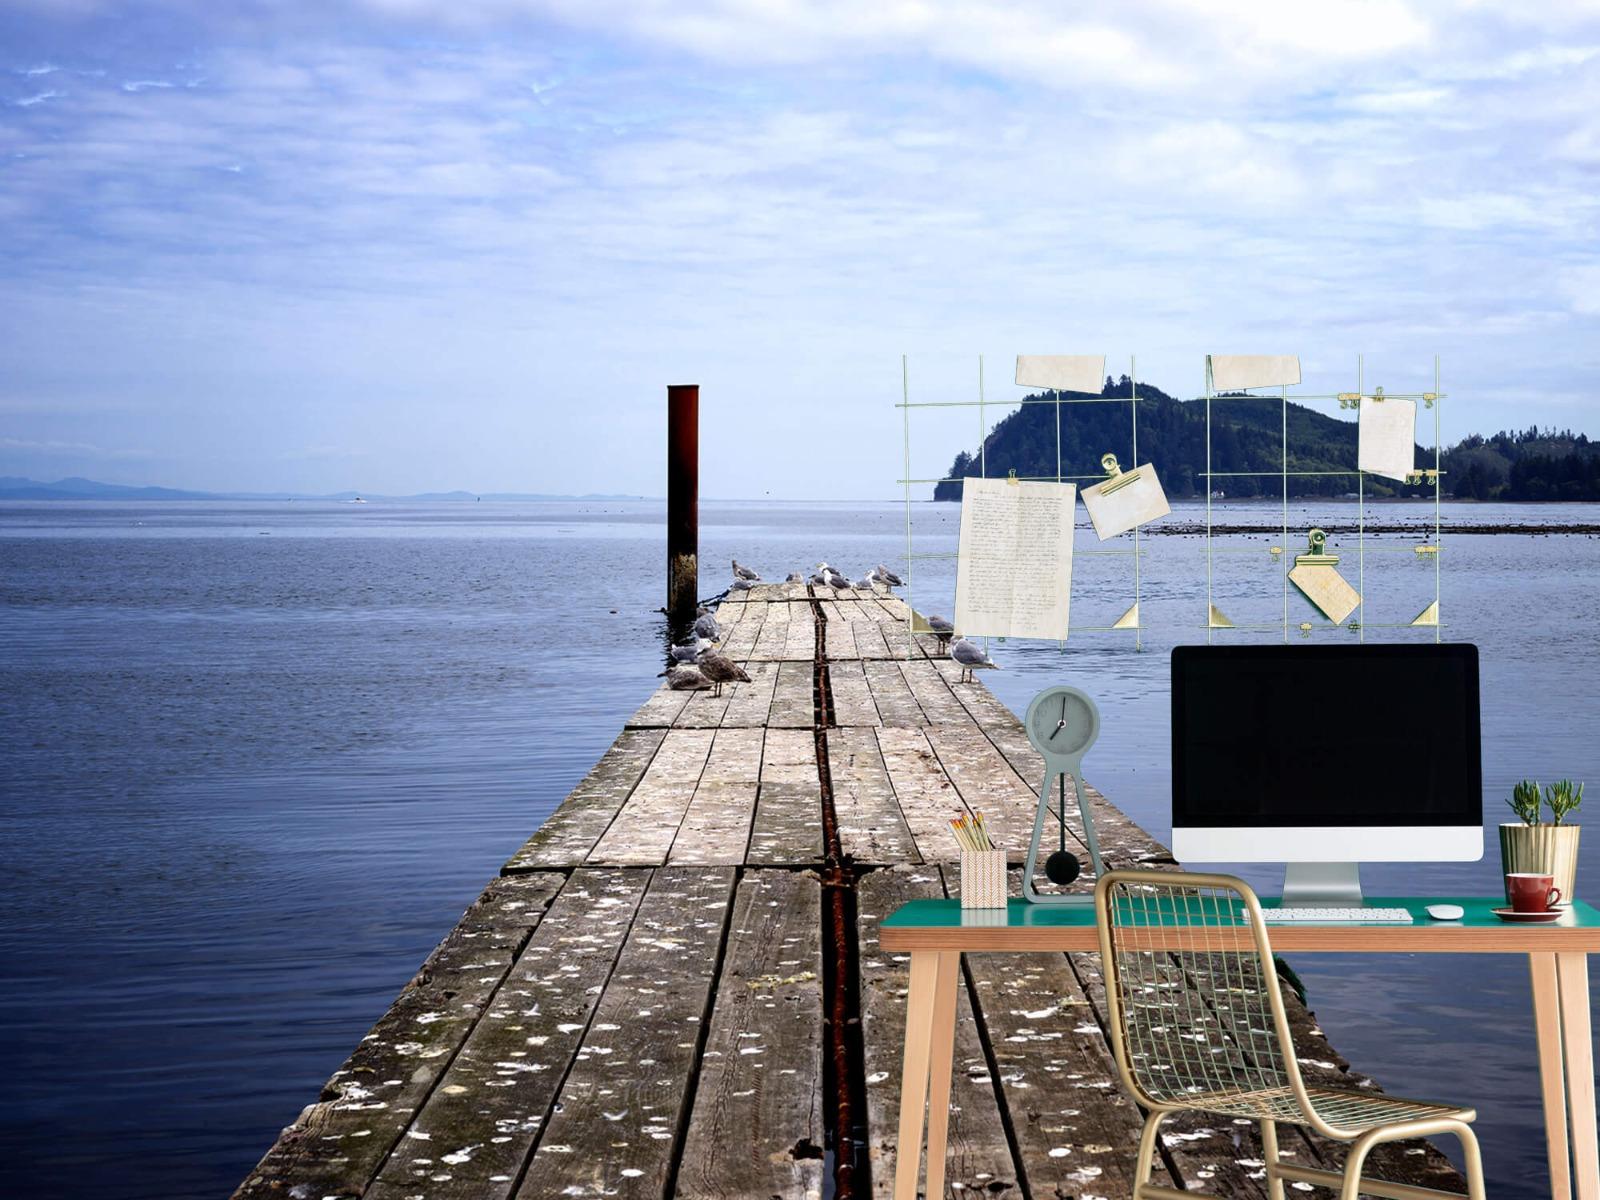 Zeeën en Oceanen - Steiger in zee - Slaapkamer 7